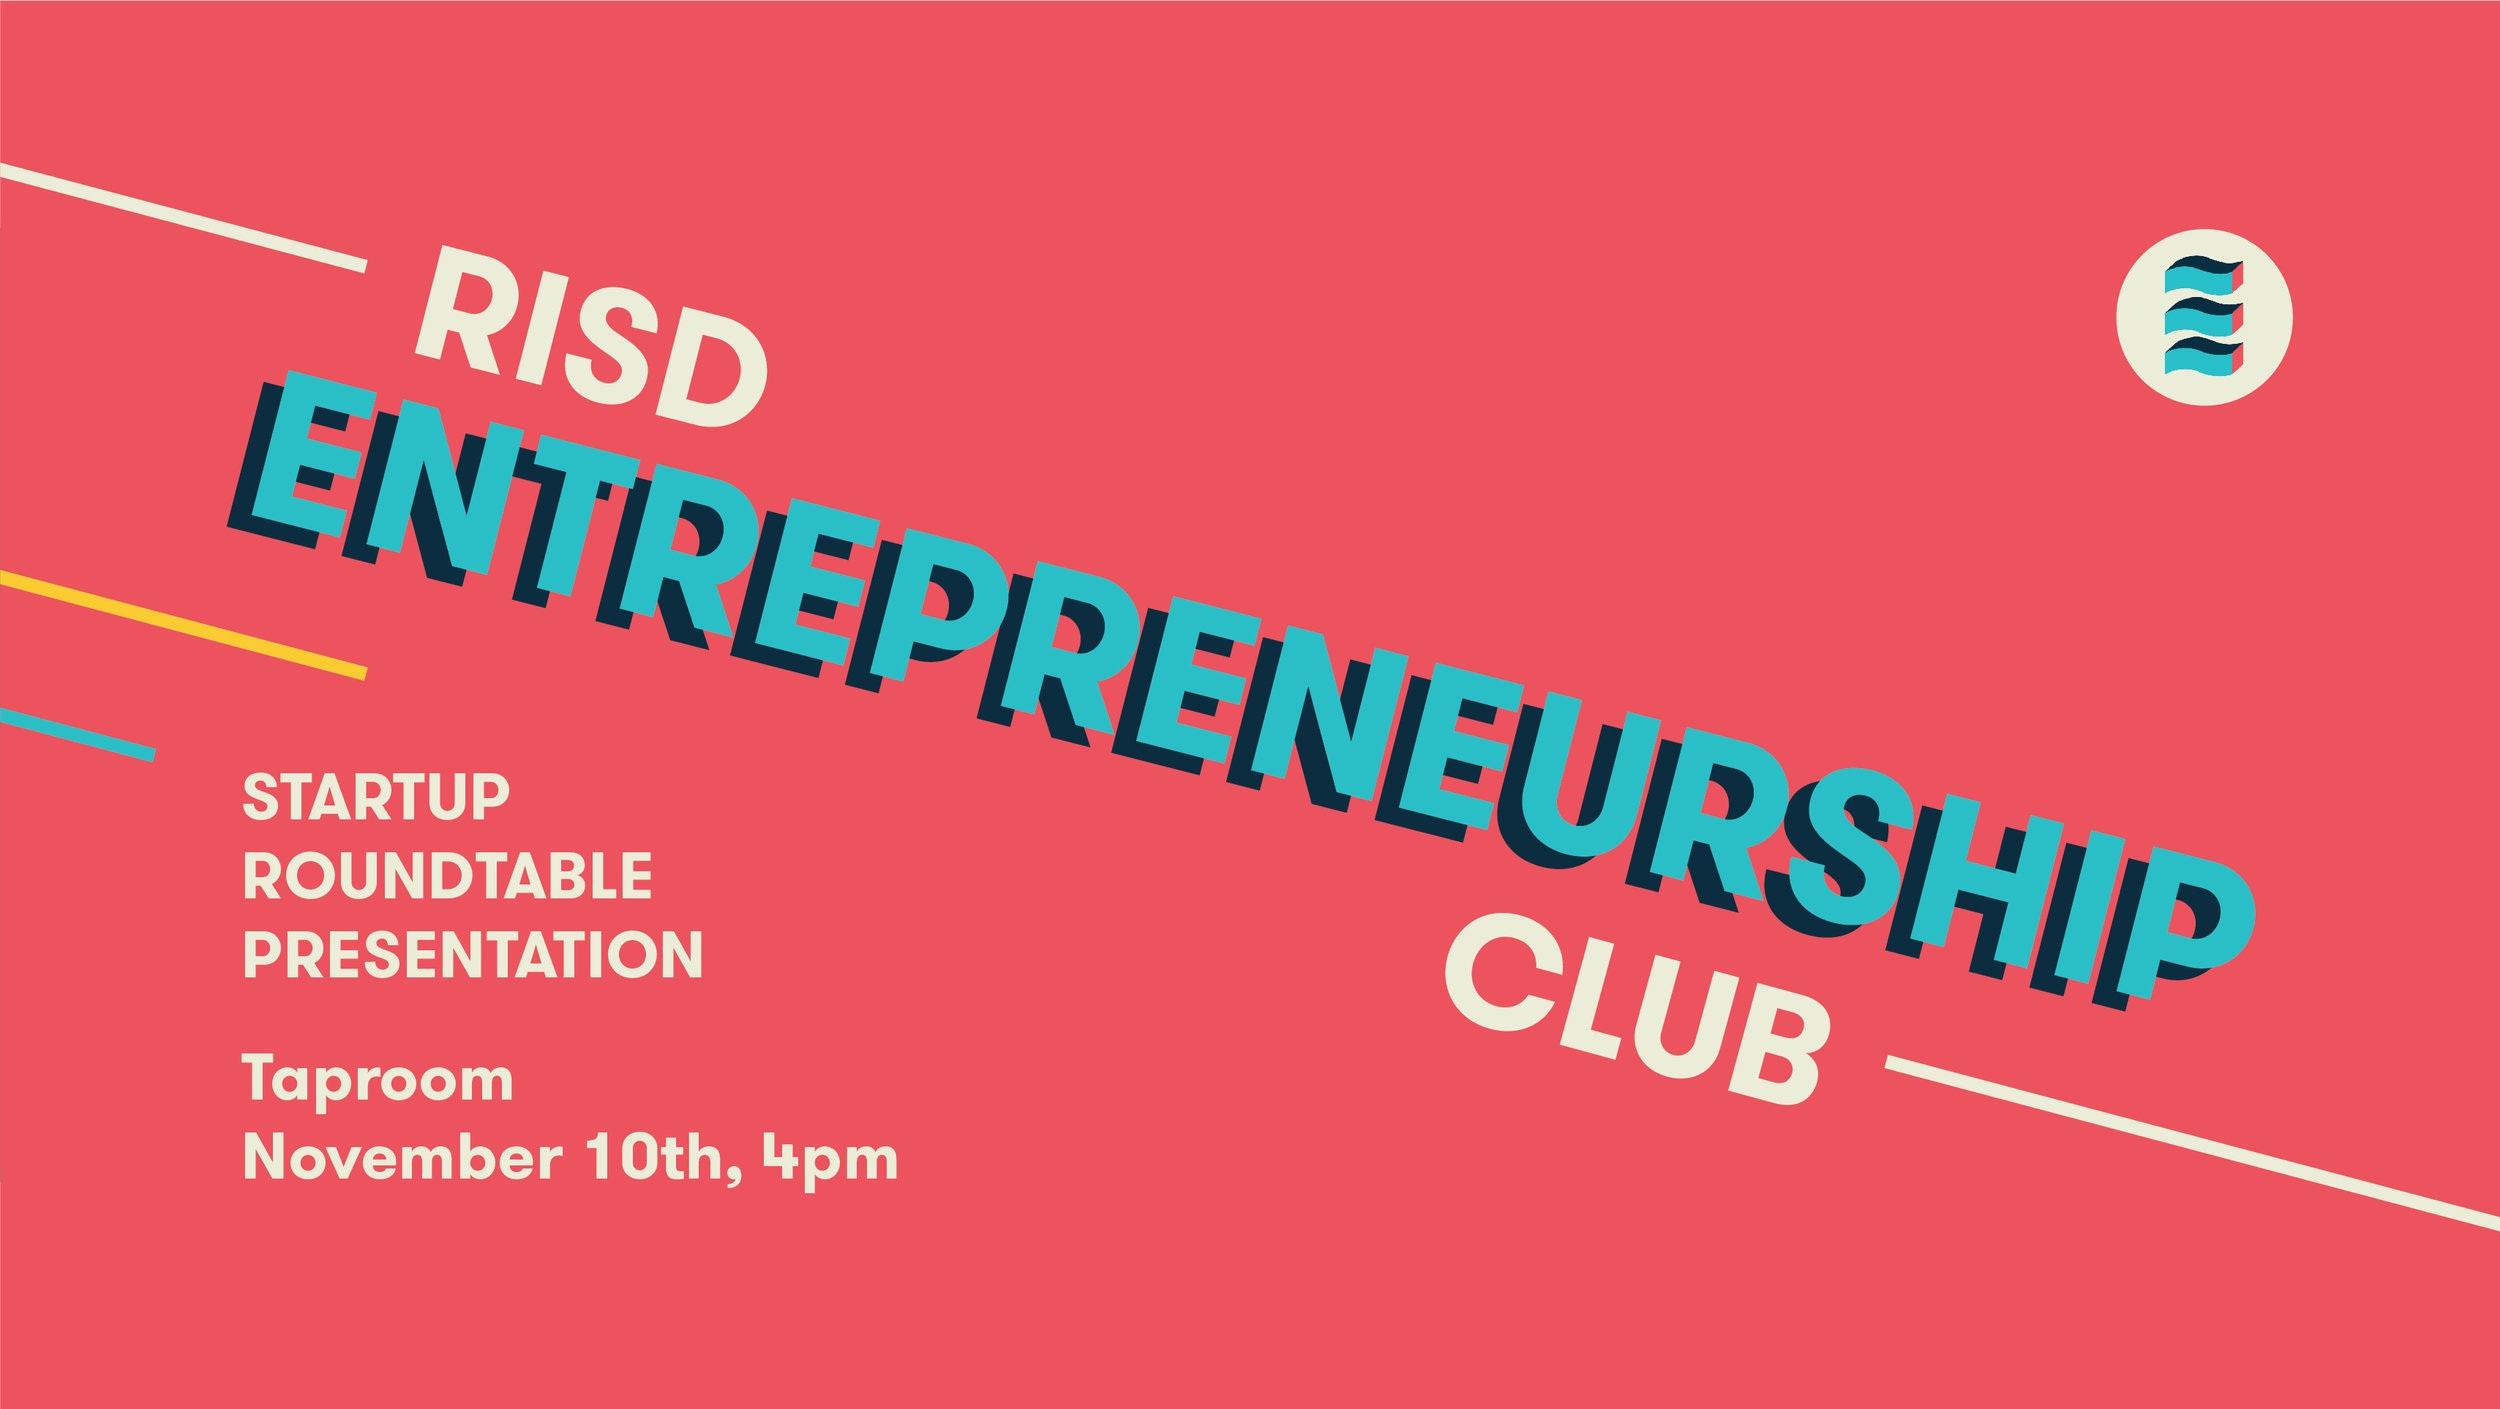 Entrepreneur+club+rgb-02.jpg